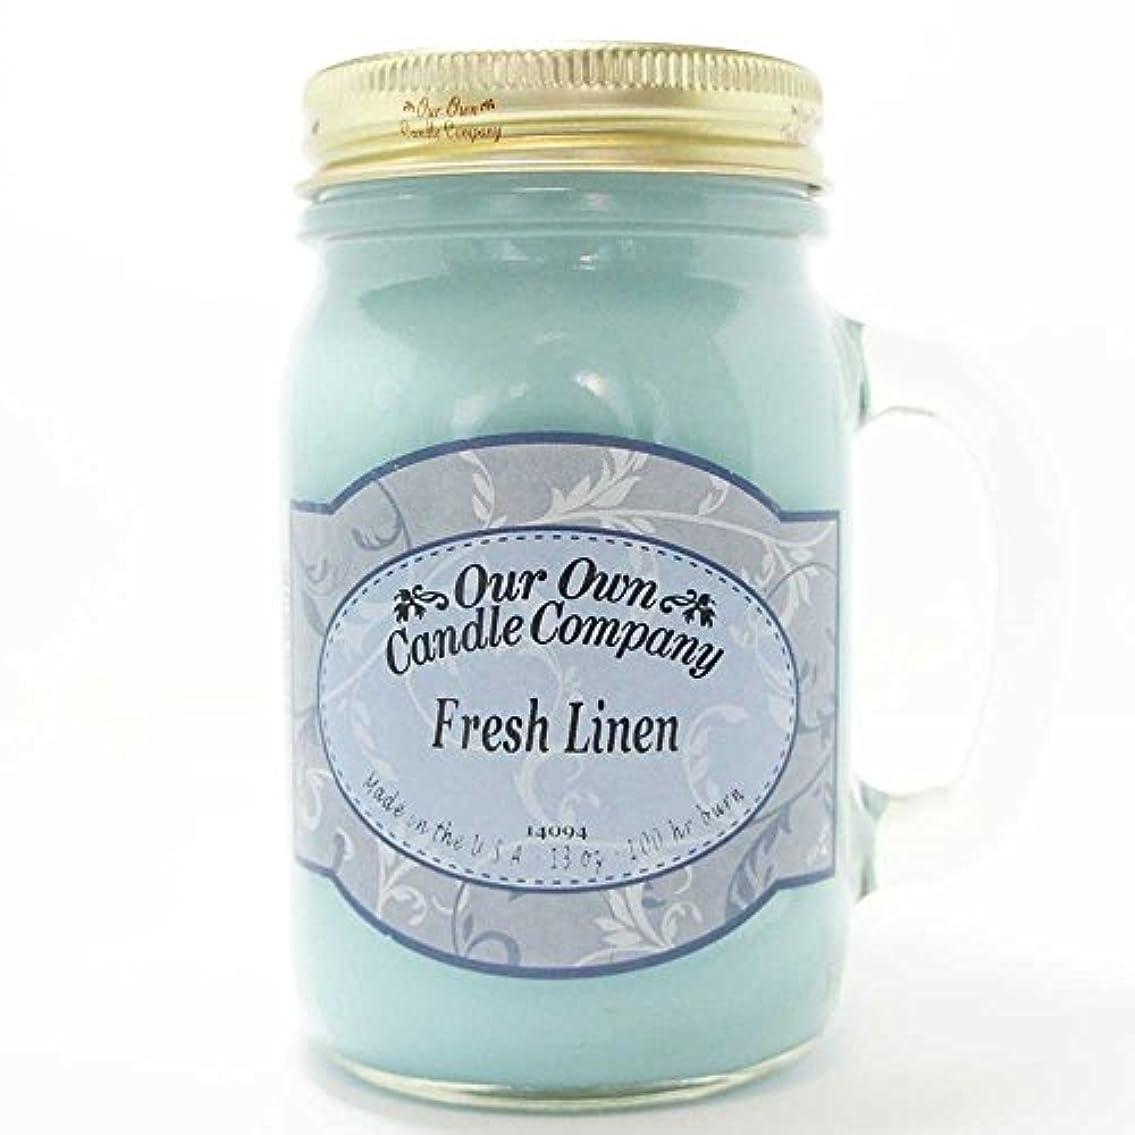 コーデリアしおれたあいにくアロマキャンドル メイソンジャー フレッシュリネン ビッグ Our Own Candle Company Fresh Linen big